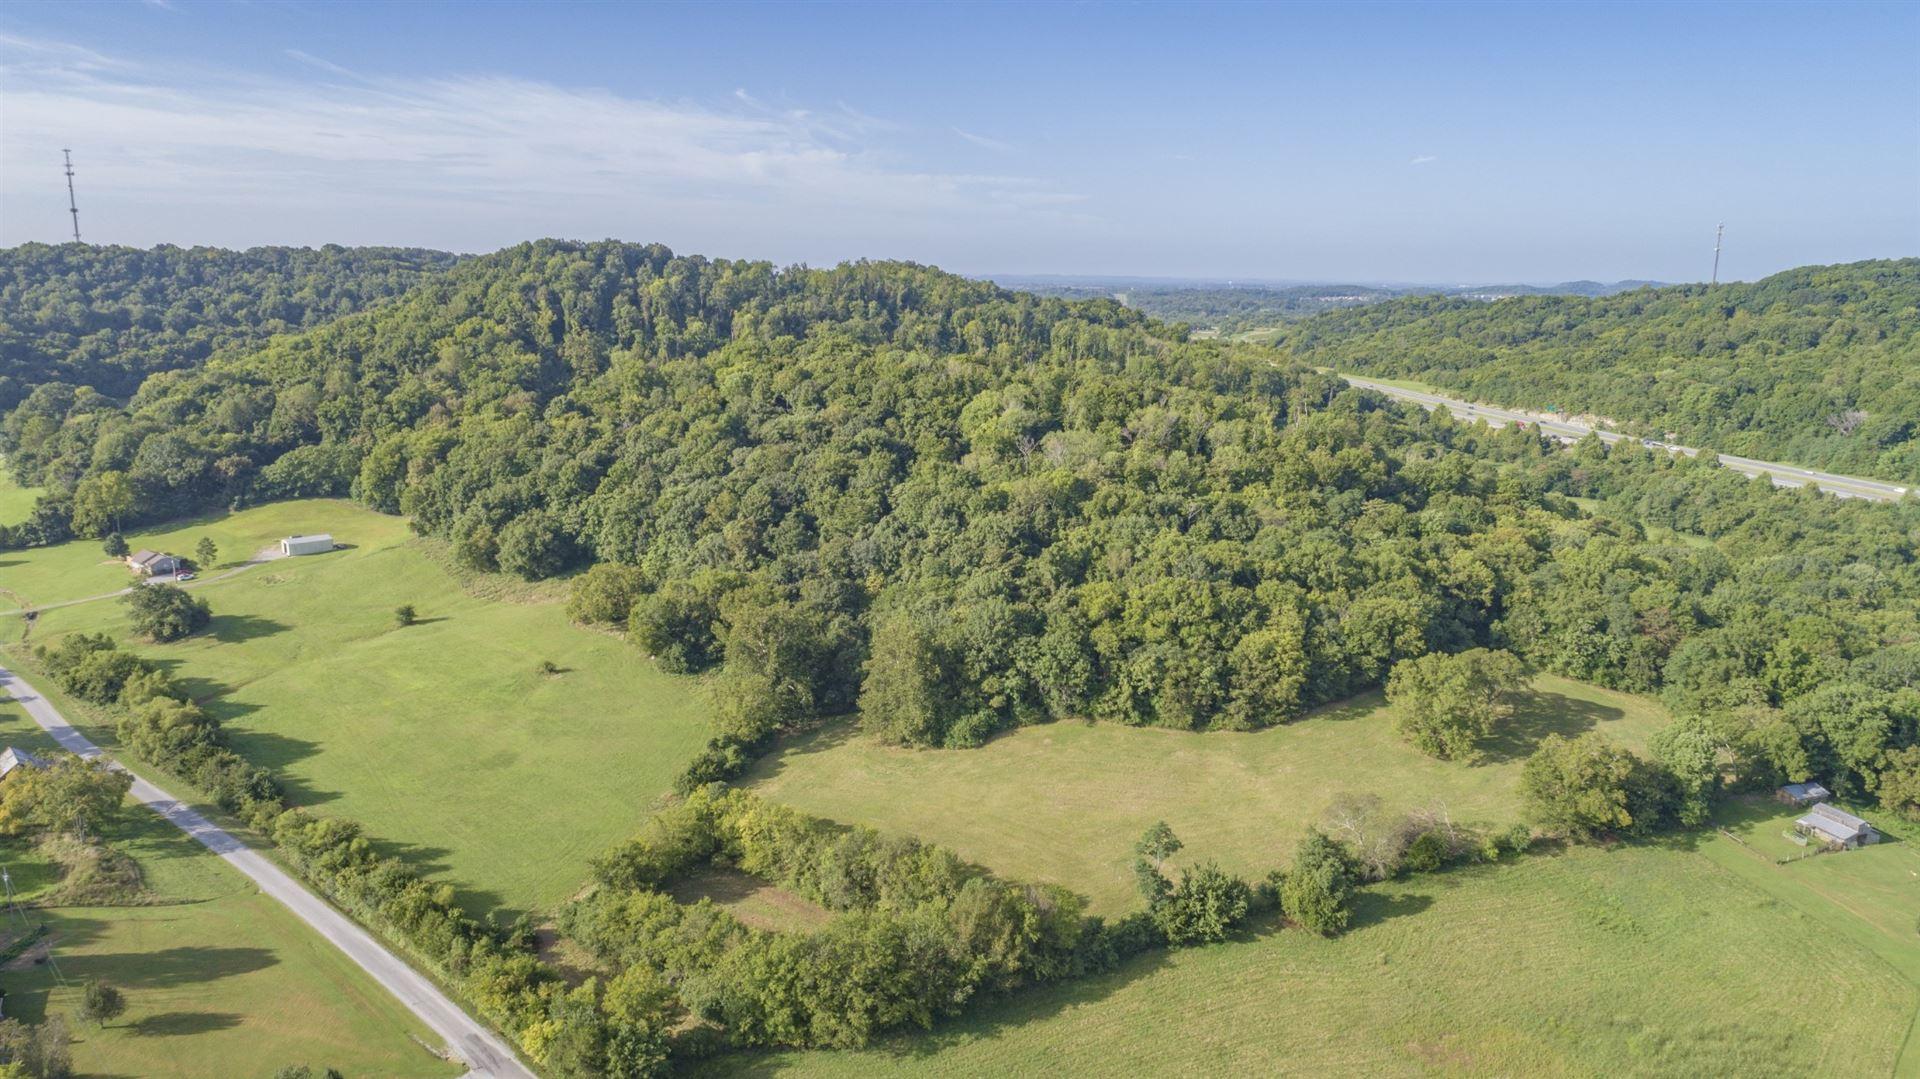 Photo of 0 Pratt Lane, Franklin, TN 37064 (MLS # 2288674)